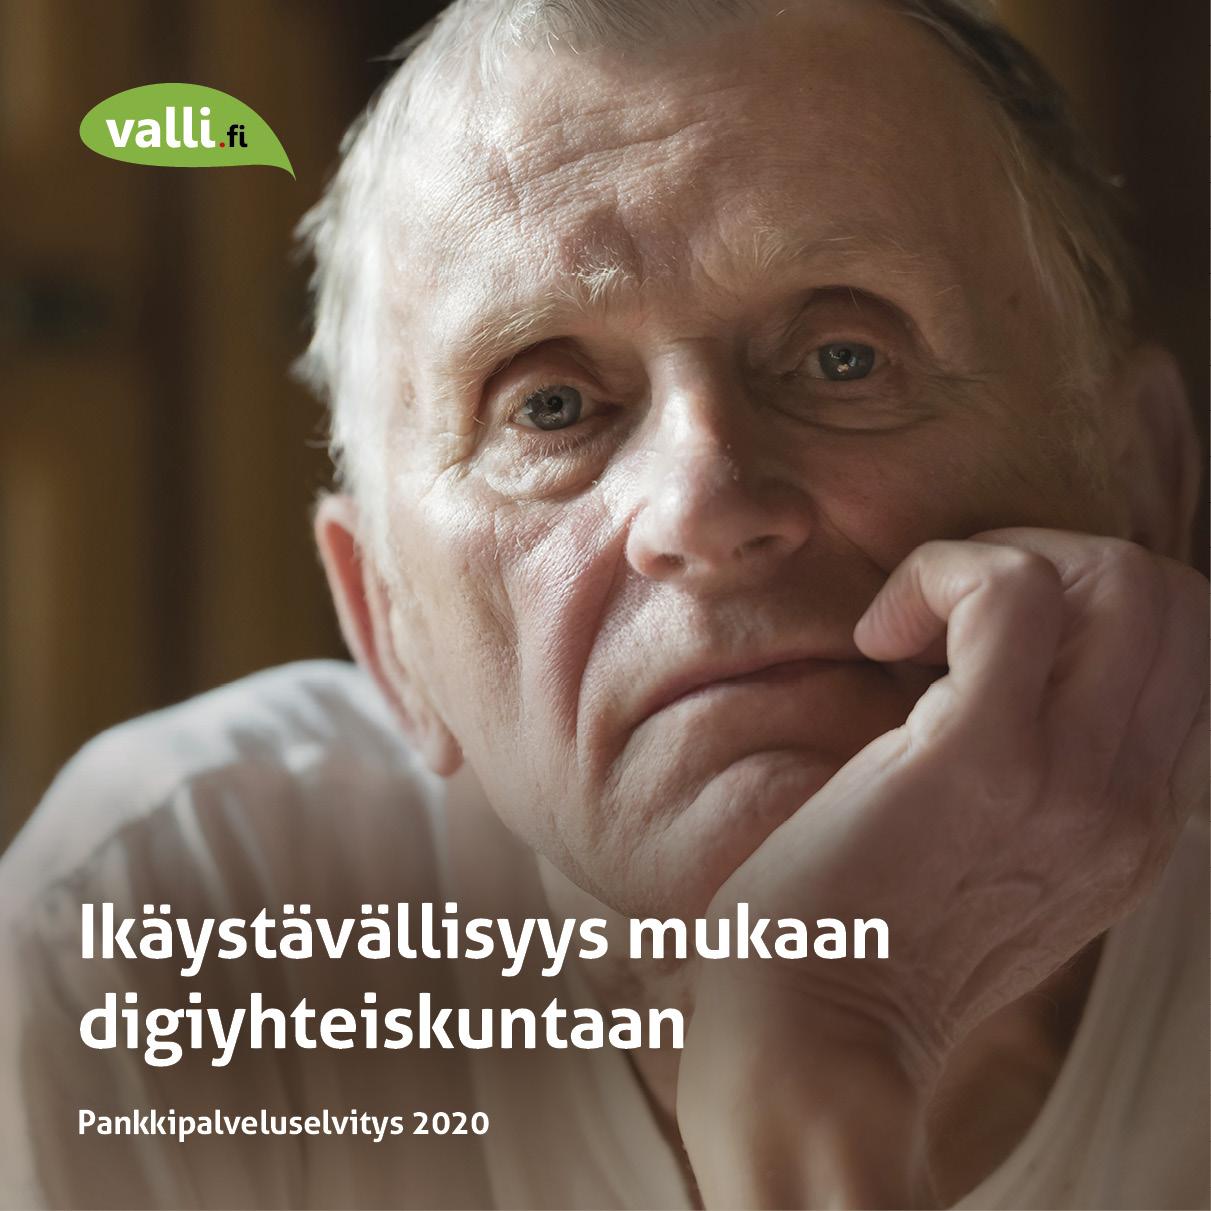 Lähikuva vanhasta miehestä, joka katsoo suoraan kameraan ja nojaa käteensä. Tekstinä valli.fi. Ikäystävällisyys mukaan difiyhteiskuntaan. Pankkipalveluselvitys 2020.